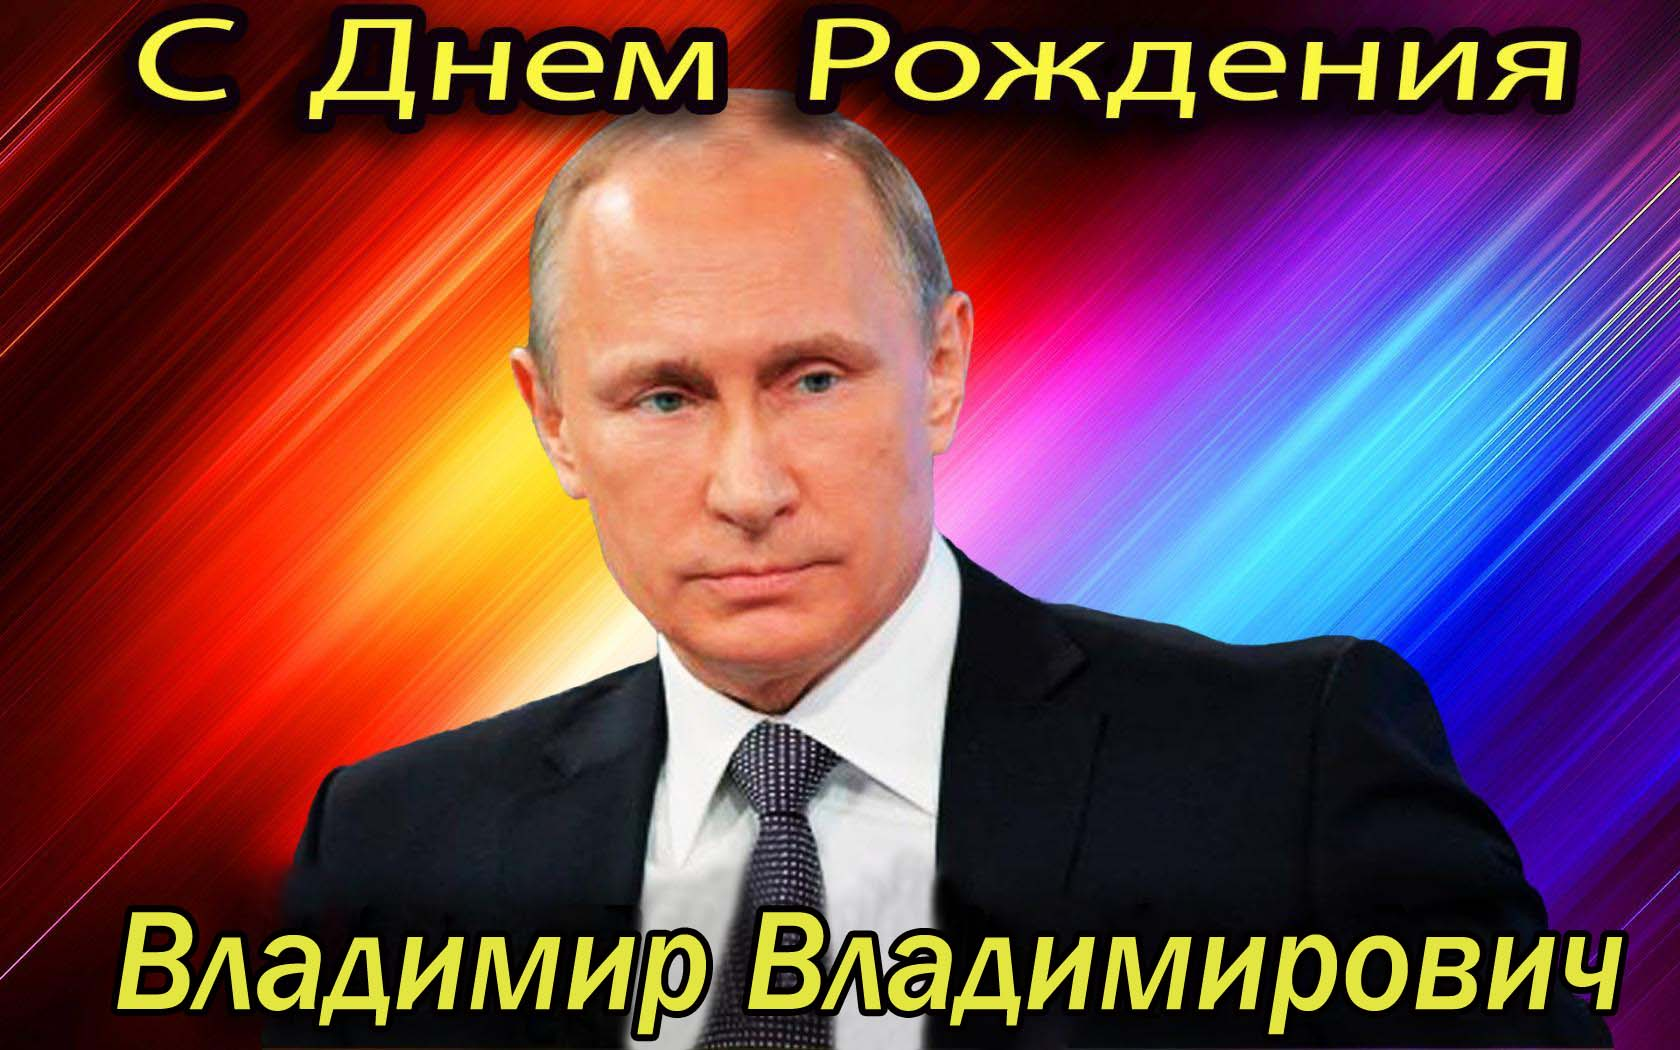 Поздравления дочери с Днем рождения от Путина 89